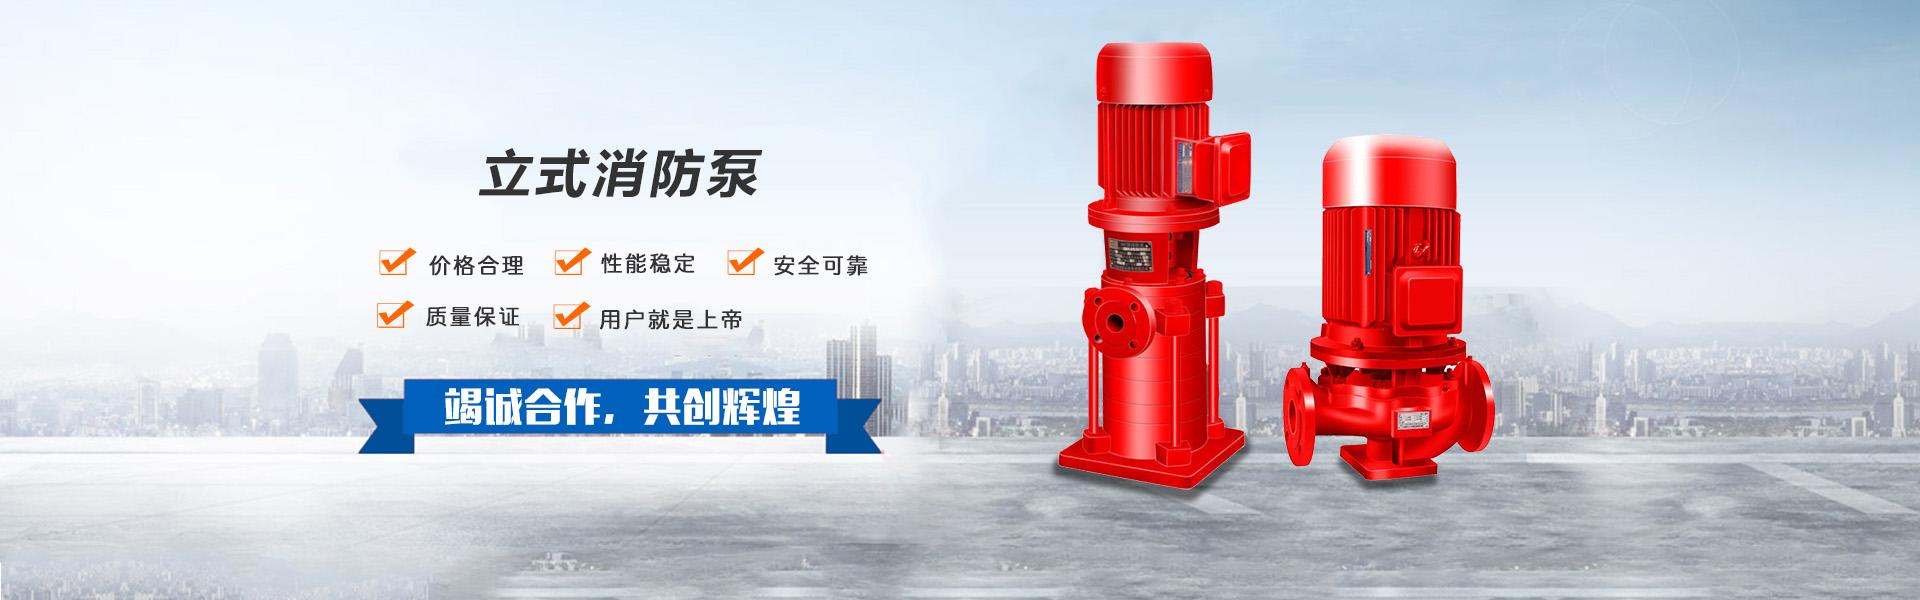 淄博博山中轮泵业有限公司